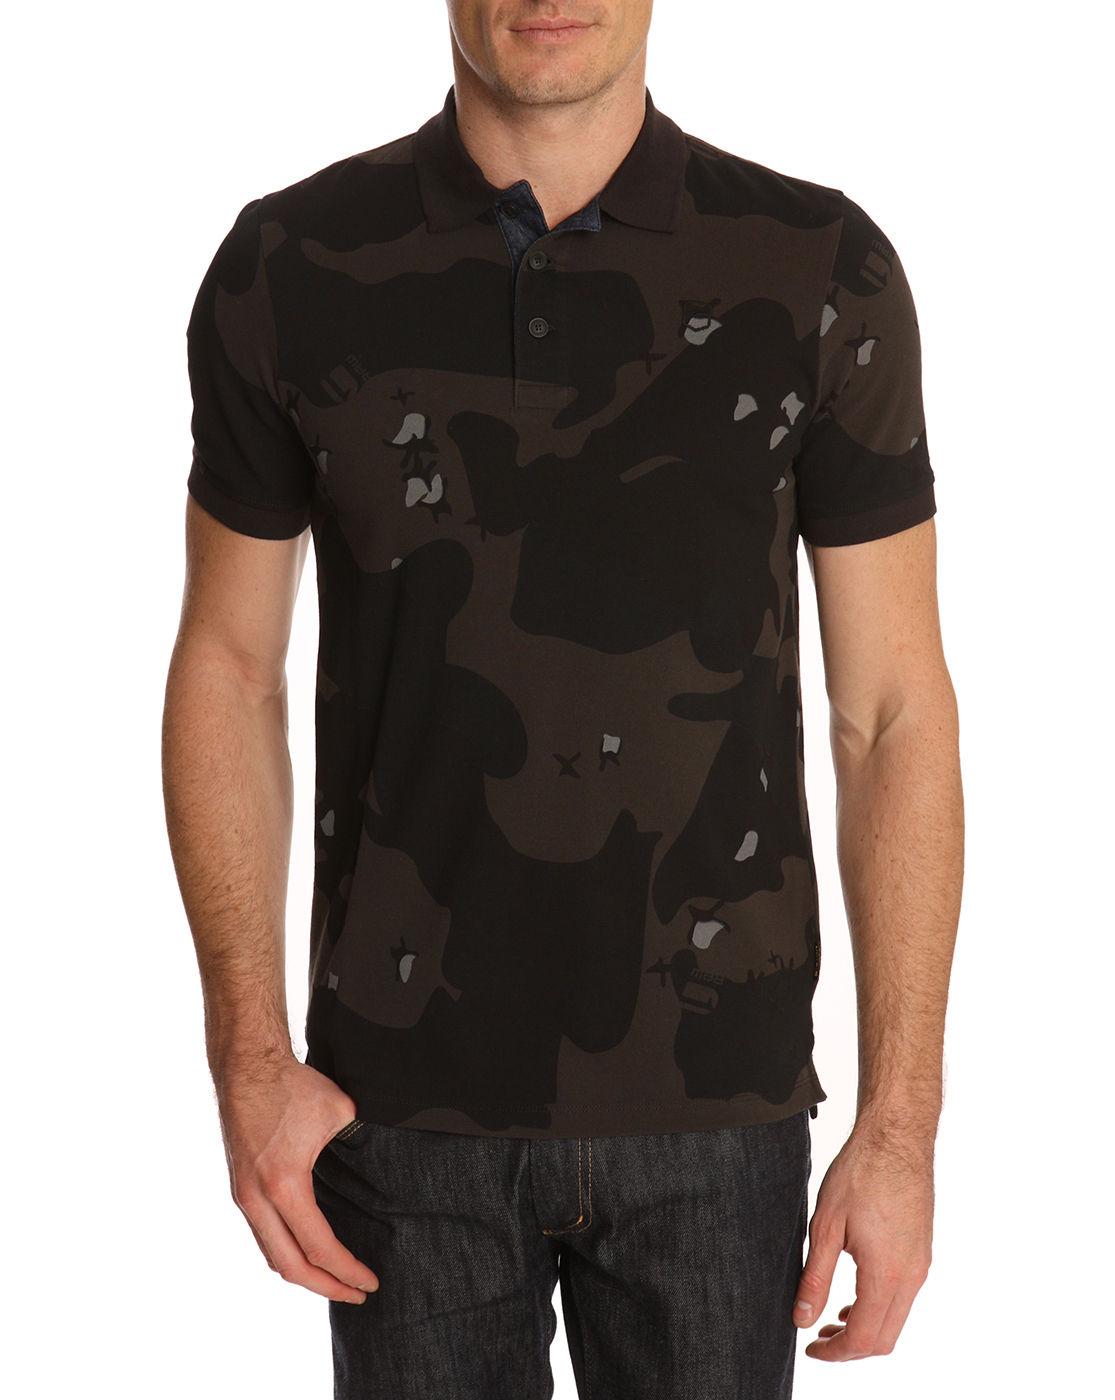 G star raw joakin camo polo shirt in black for men camo for Camo polo shirts for men